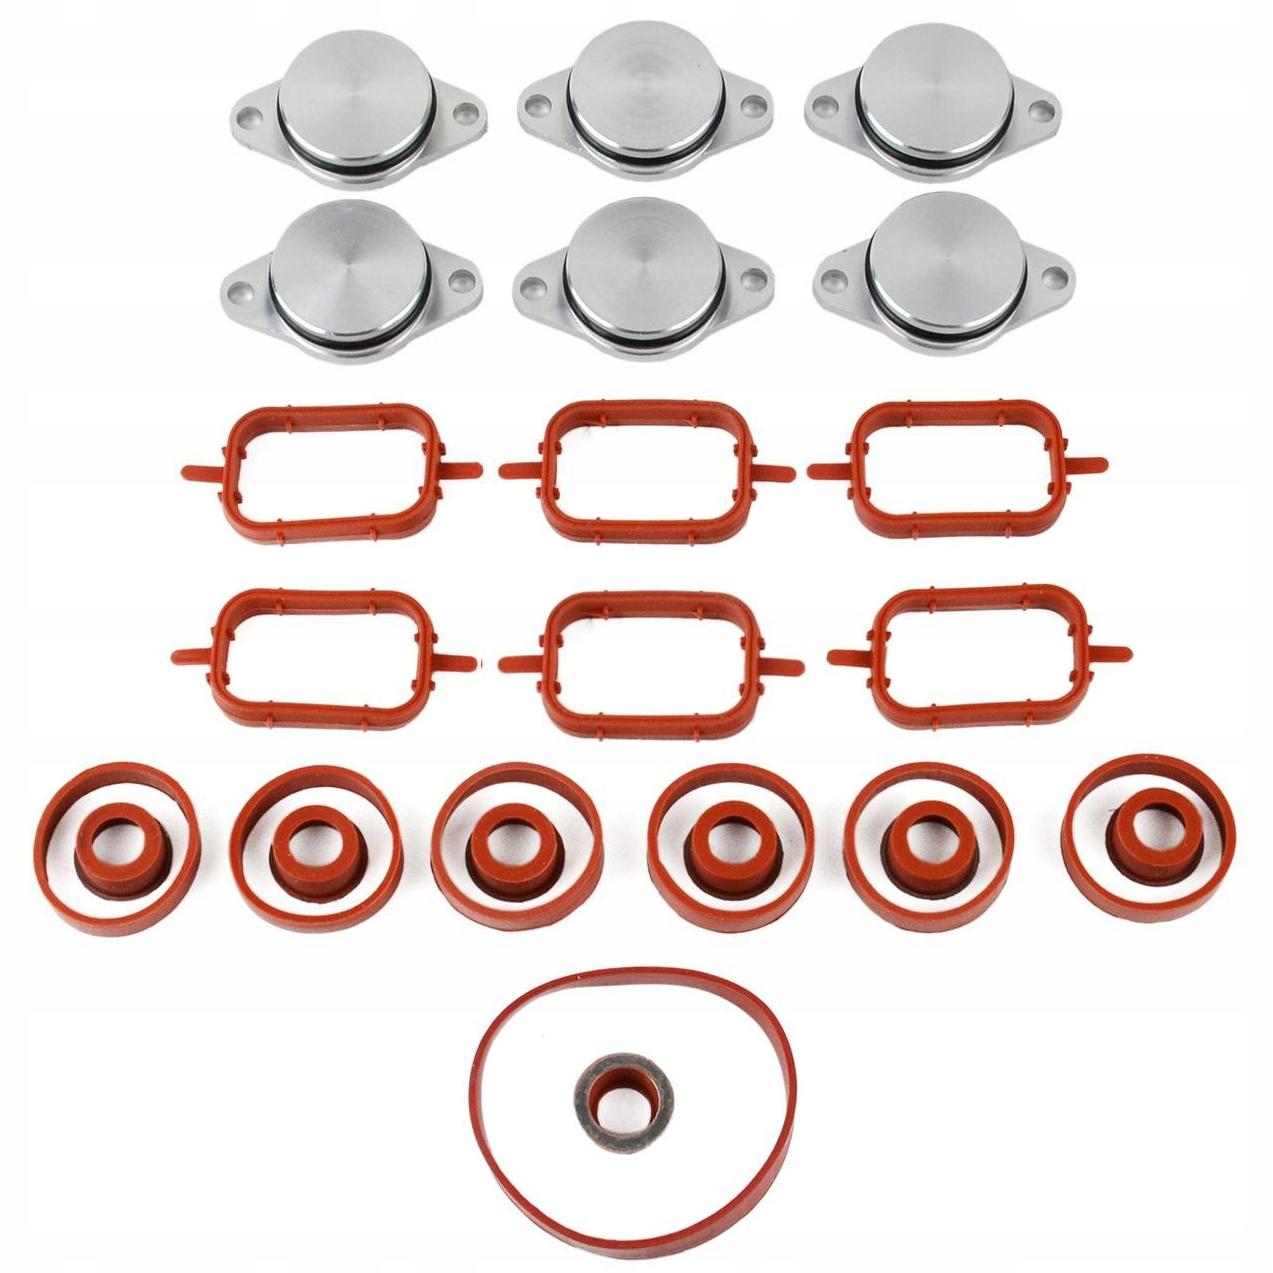 bmw e60 e46 e90 e71 x5 x6 m57 заглушки коллектора